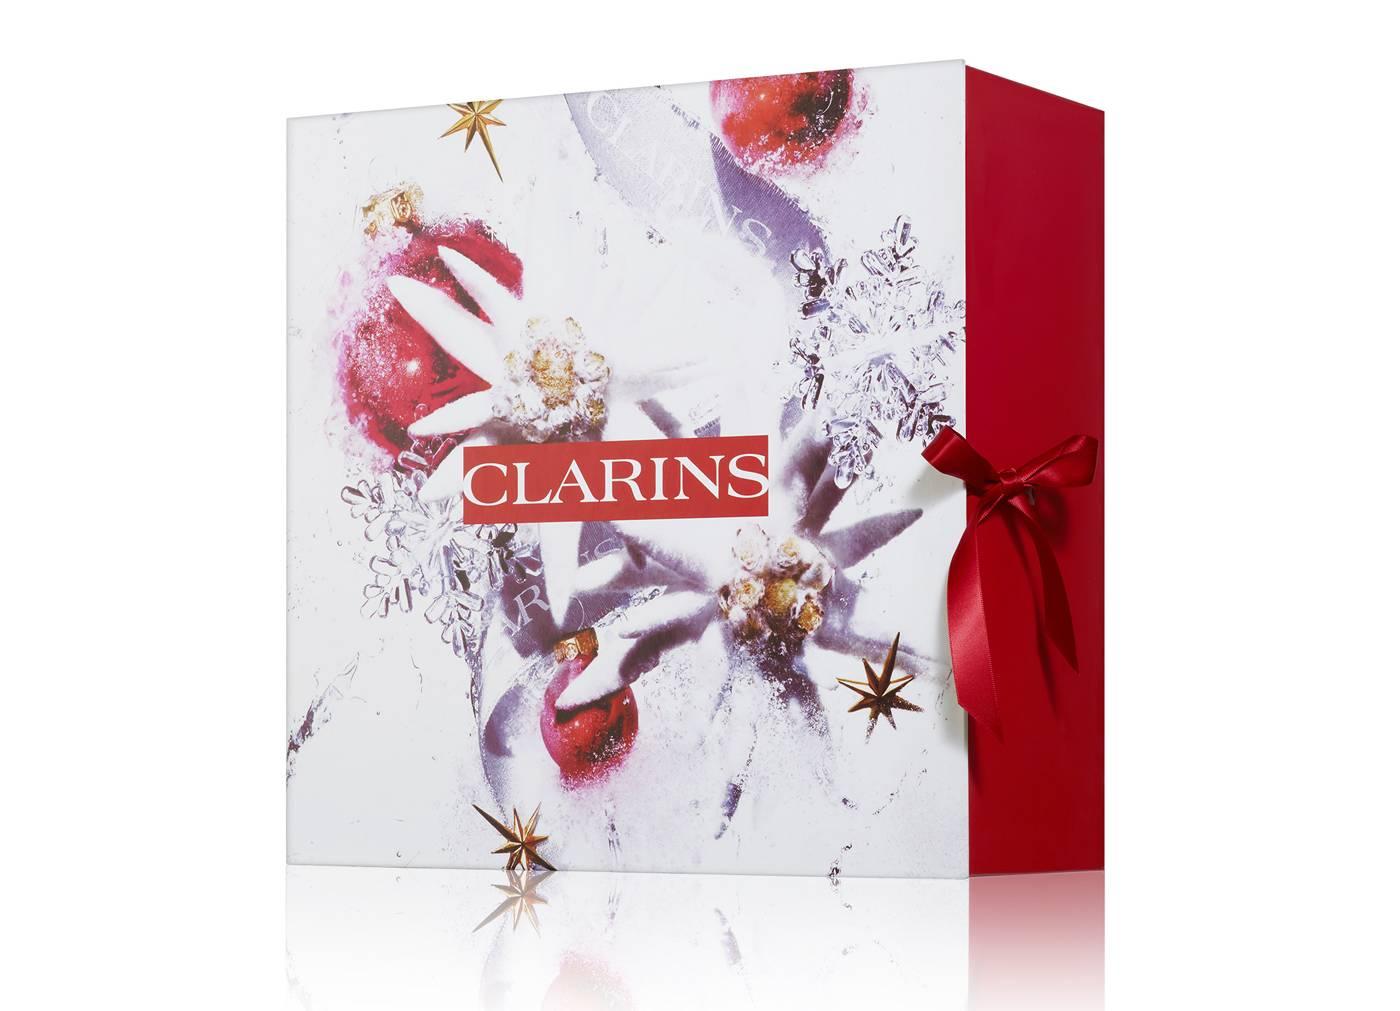 Calendario de Adviento Clarins 2021 UK